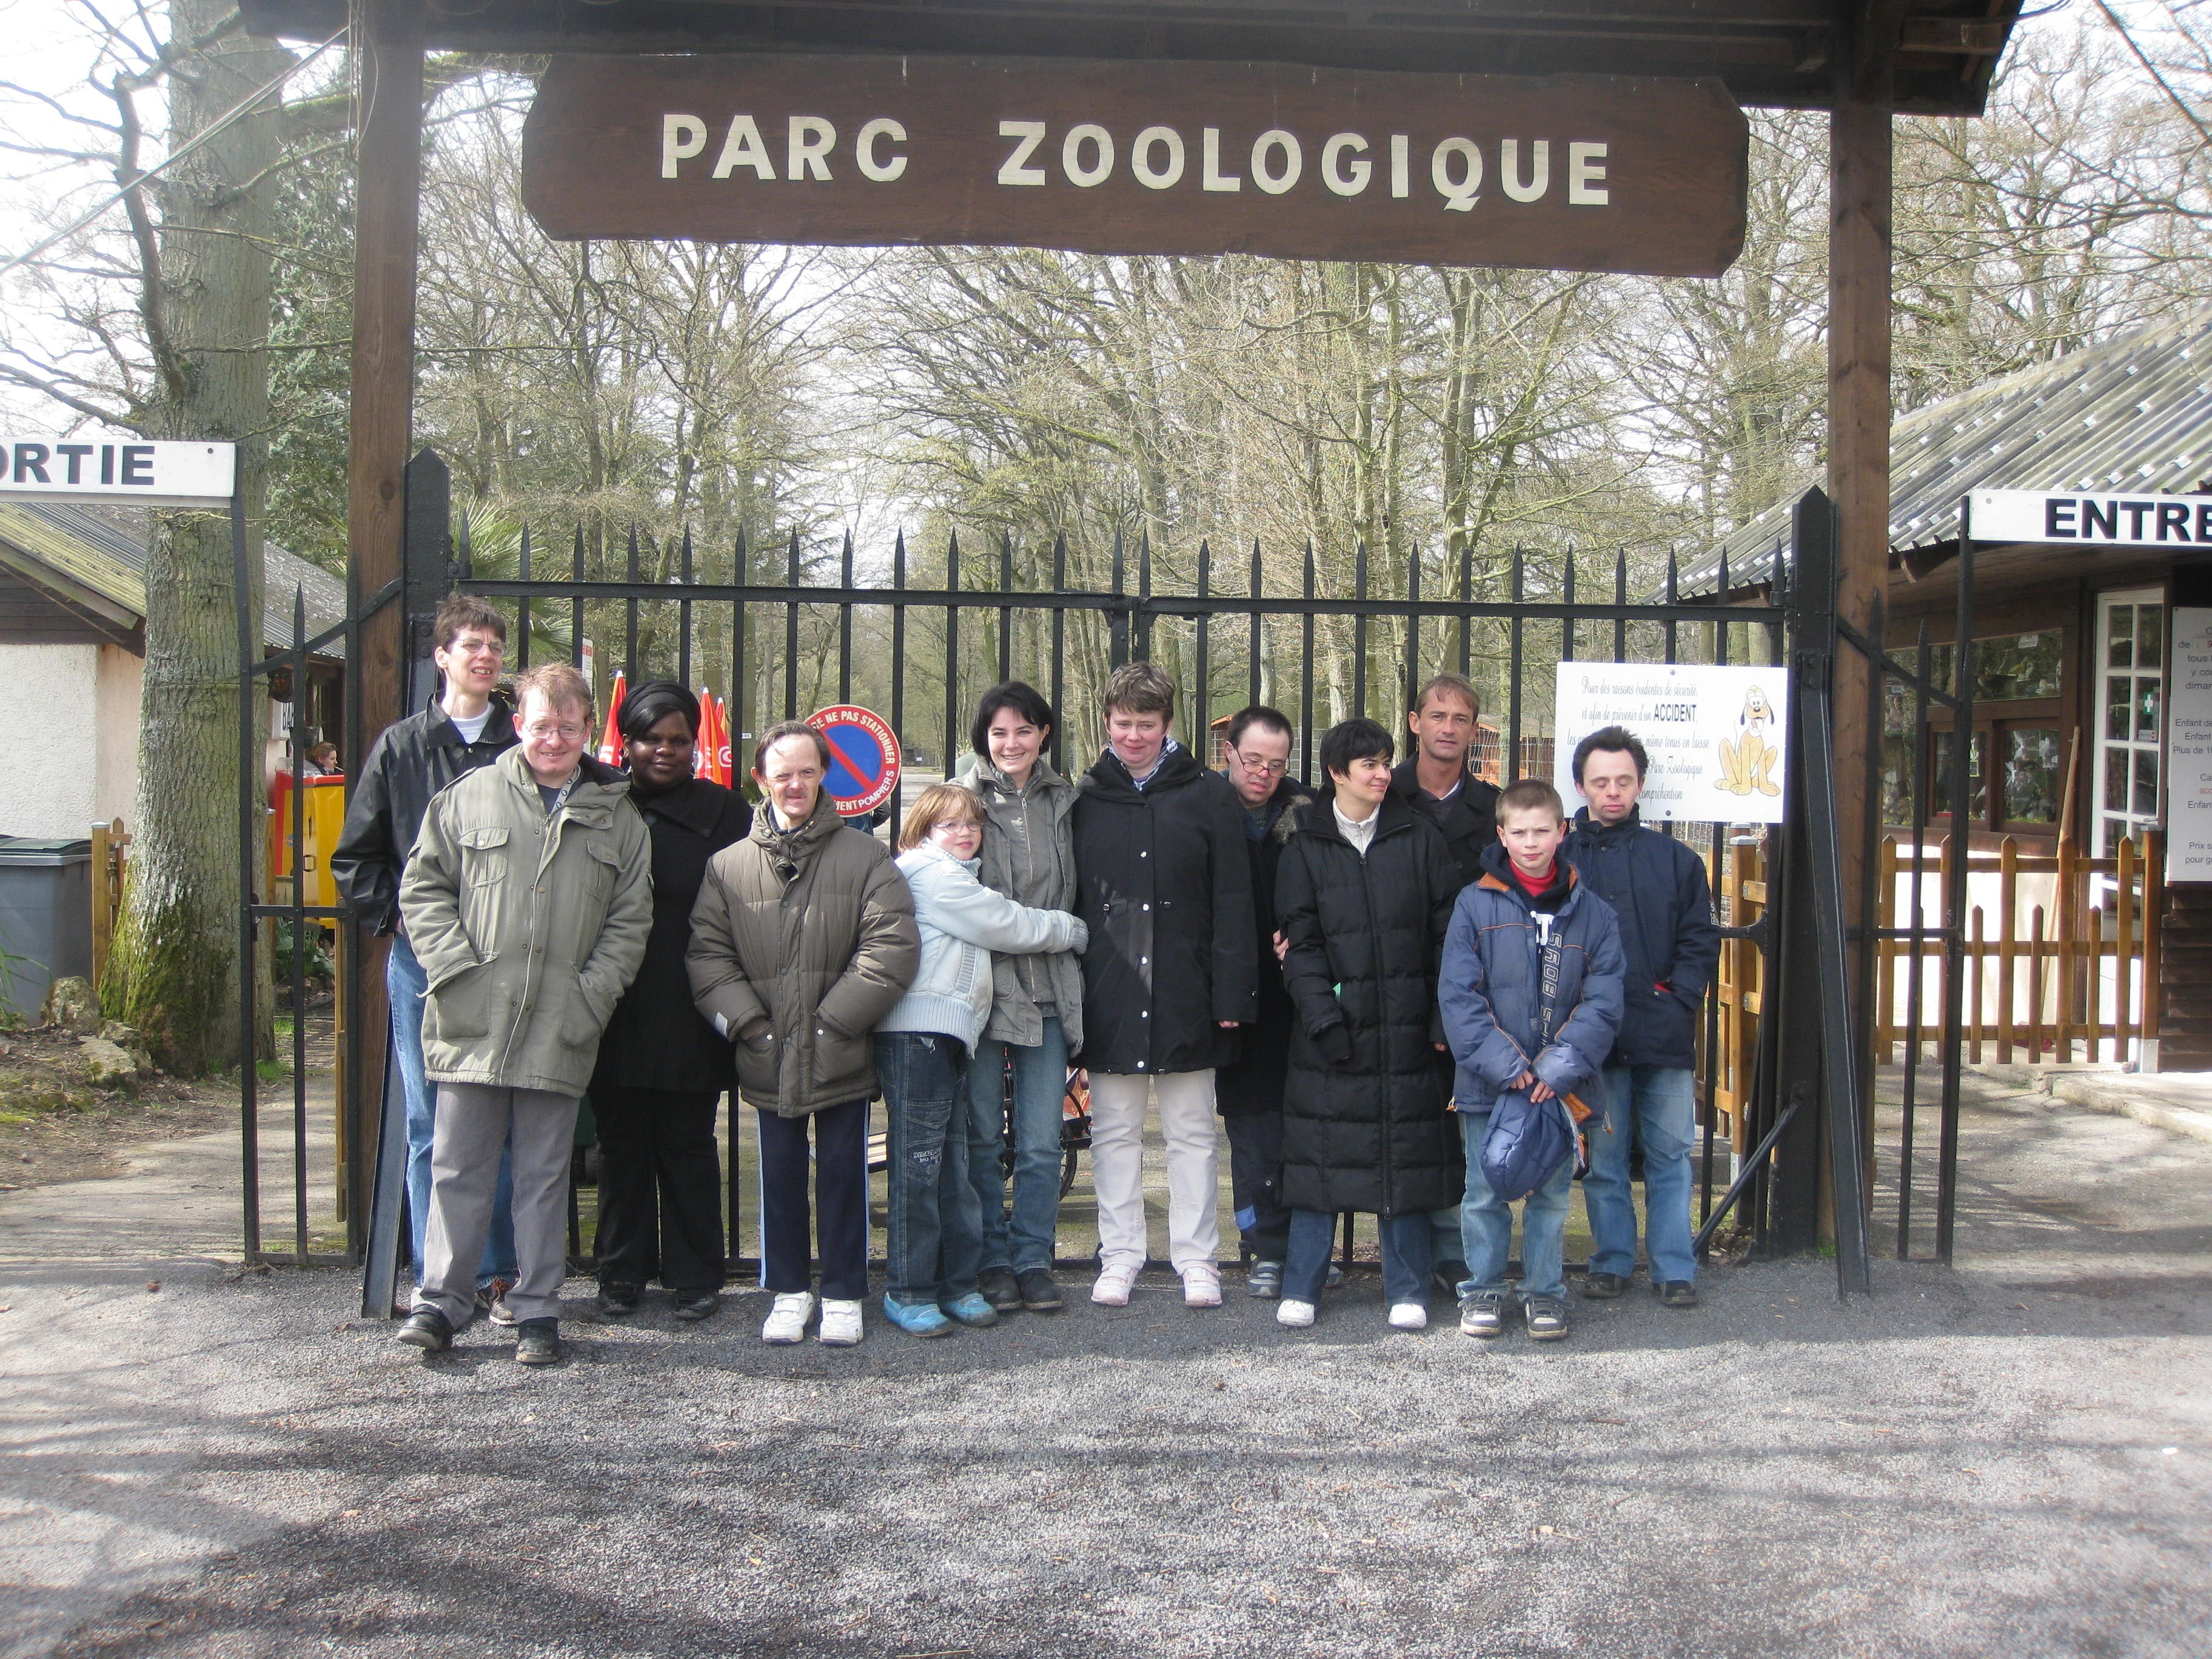 Parc d' Attilly (Paris)